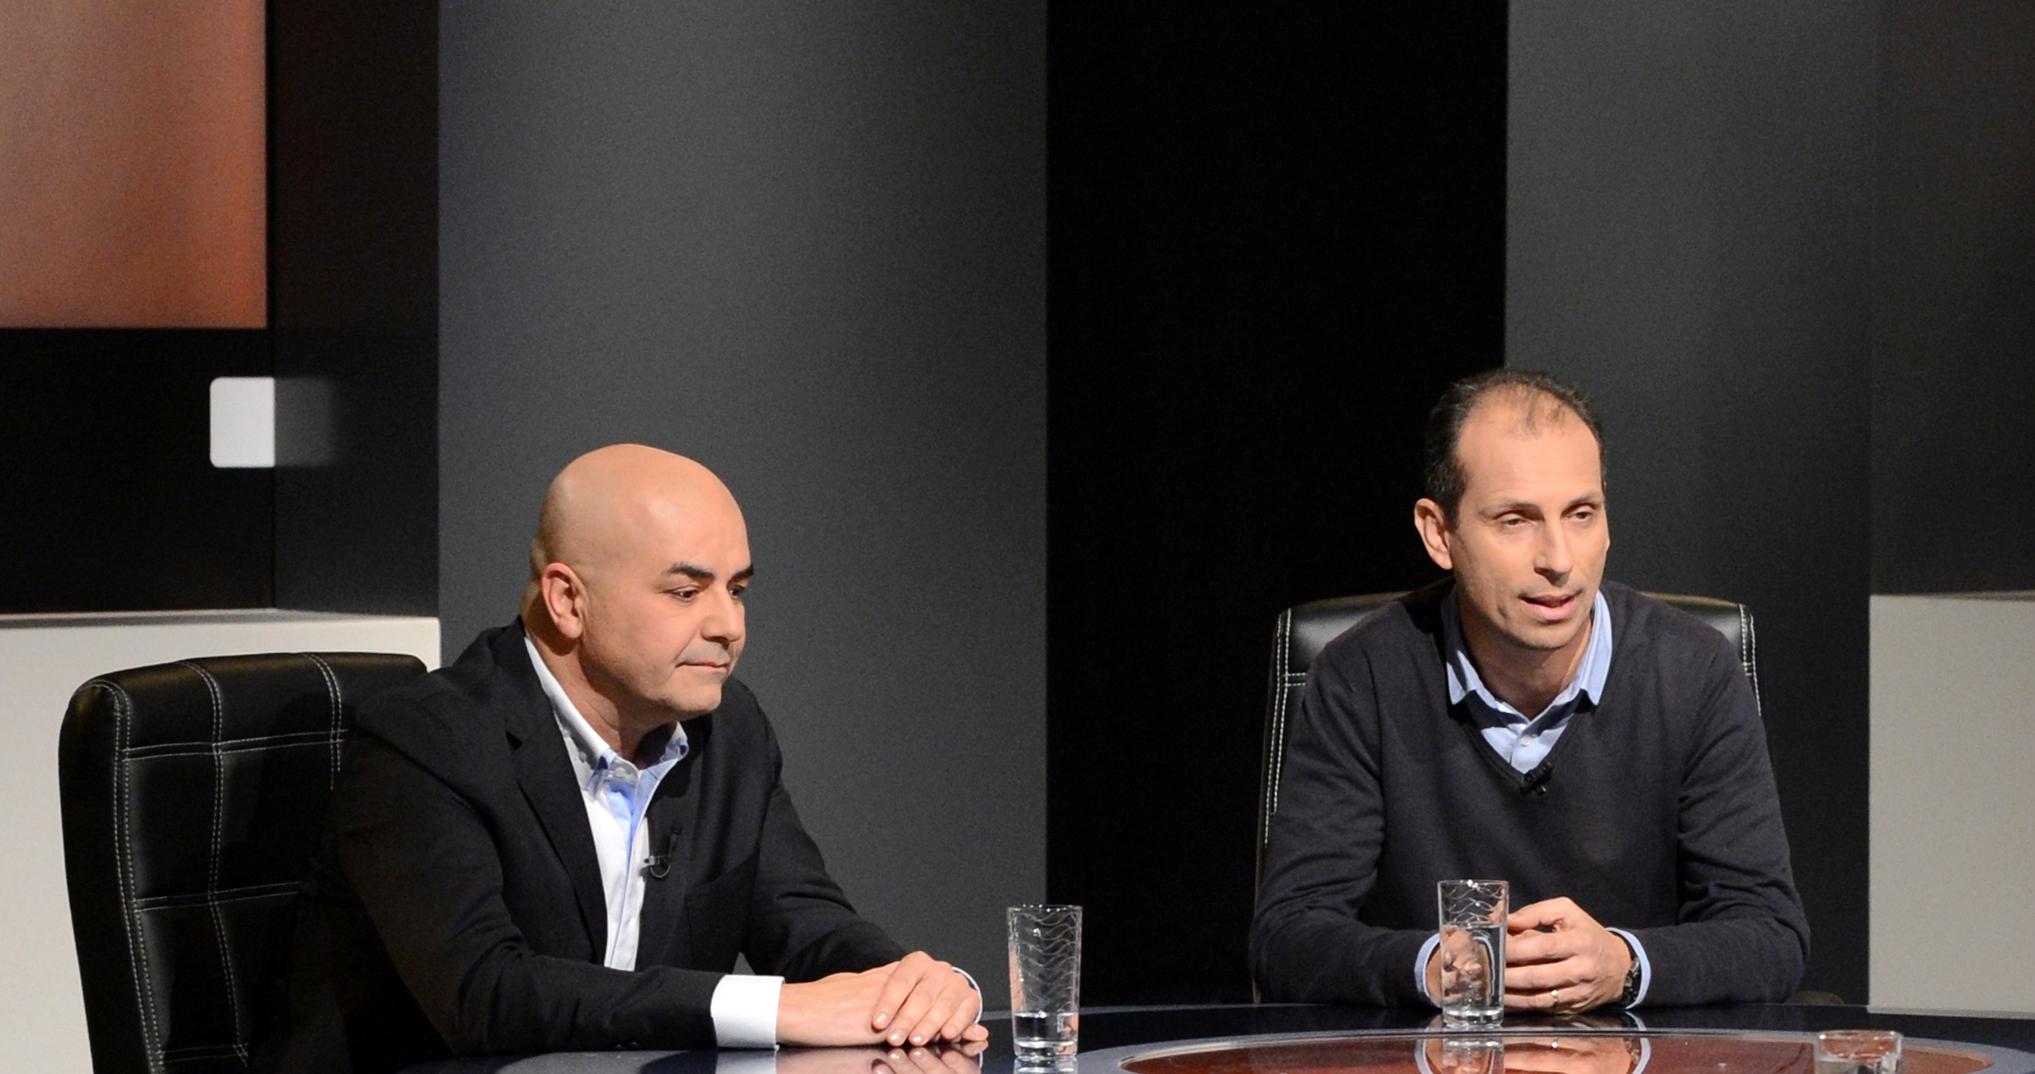 Από αριστερά Βασίλης Βλαχογιάννης, Νίκος Πολιάς